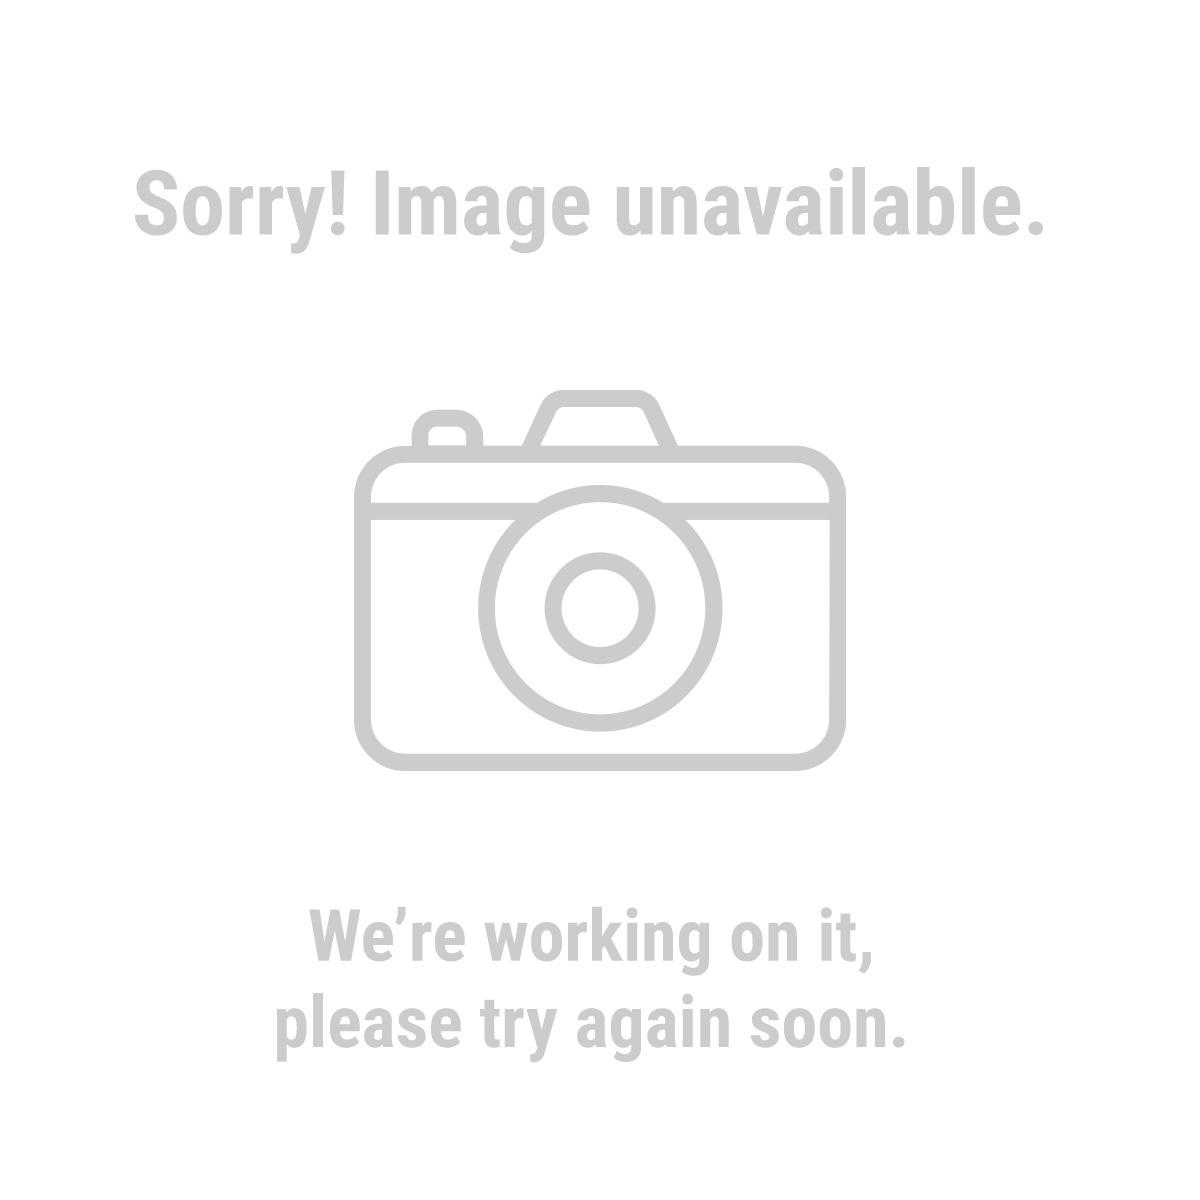 """HFT 46413 15 ft. 6"""" x 11 ft. 4"""" Camouflage Tarp"""